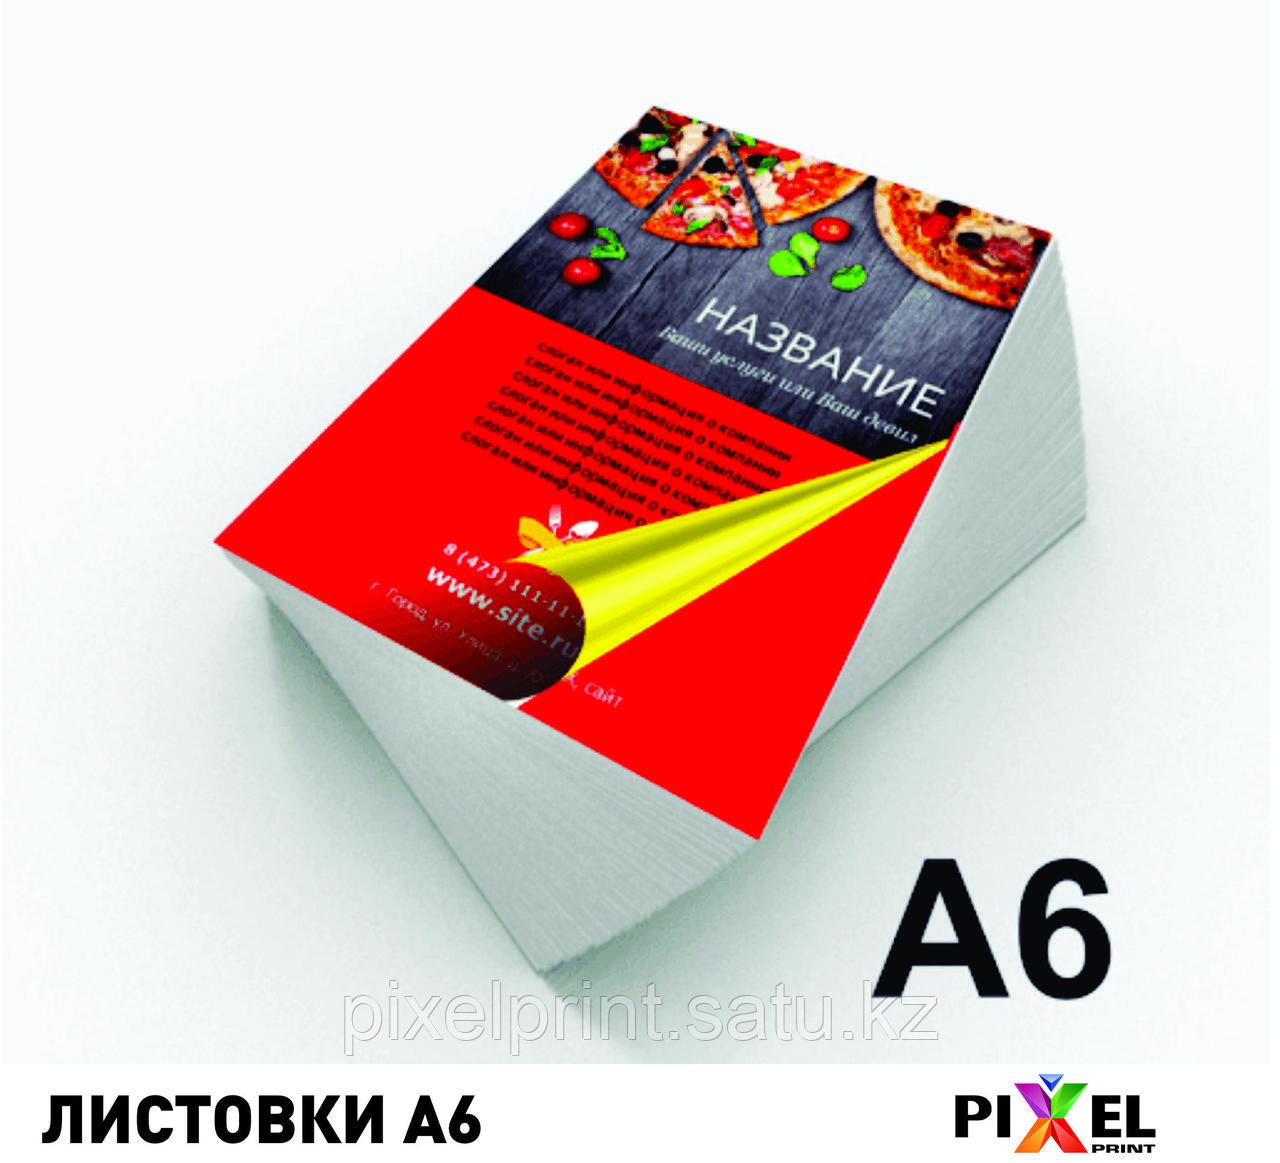 Листовки/флаера А6